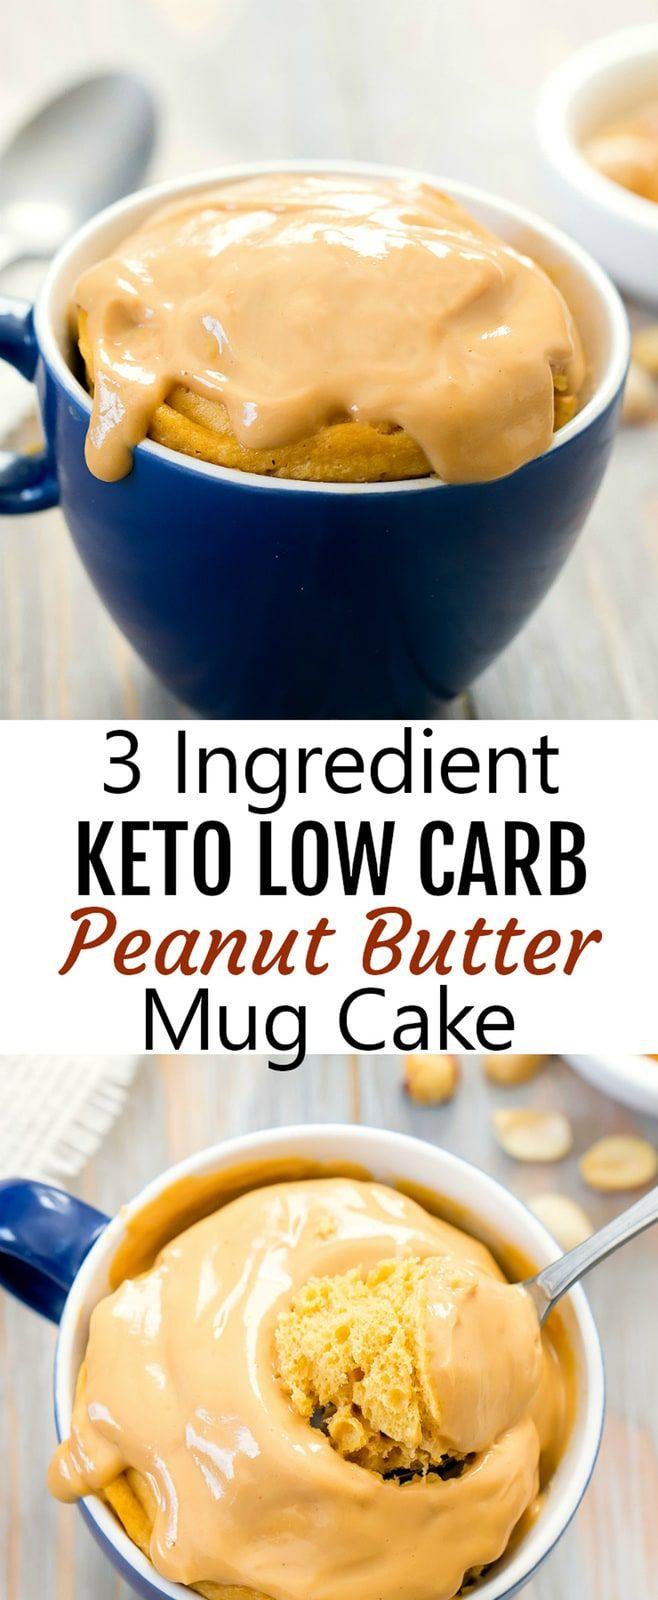 3 Ingredient Keto Peanut Butter Mug Cake #mugcake